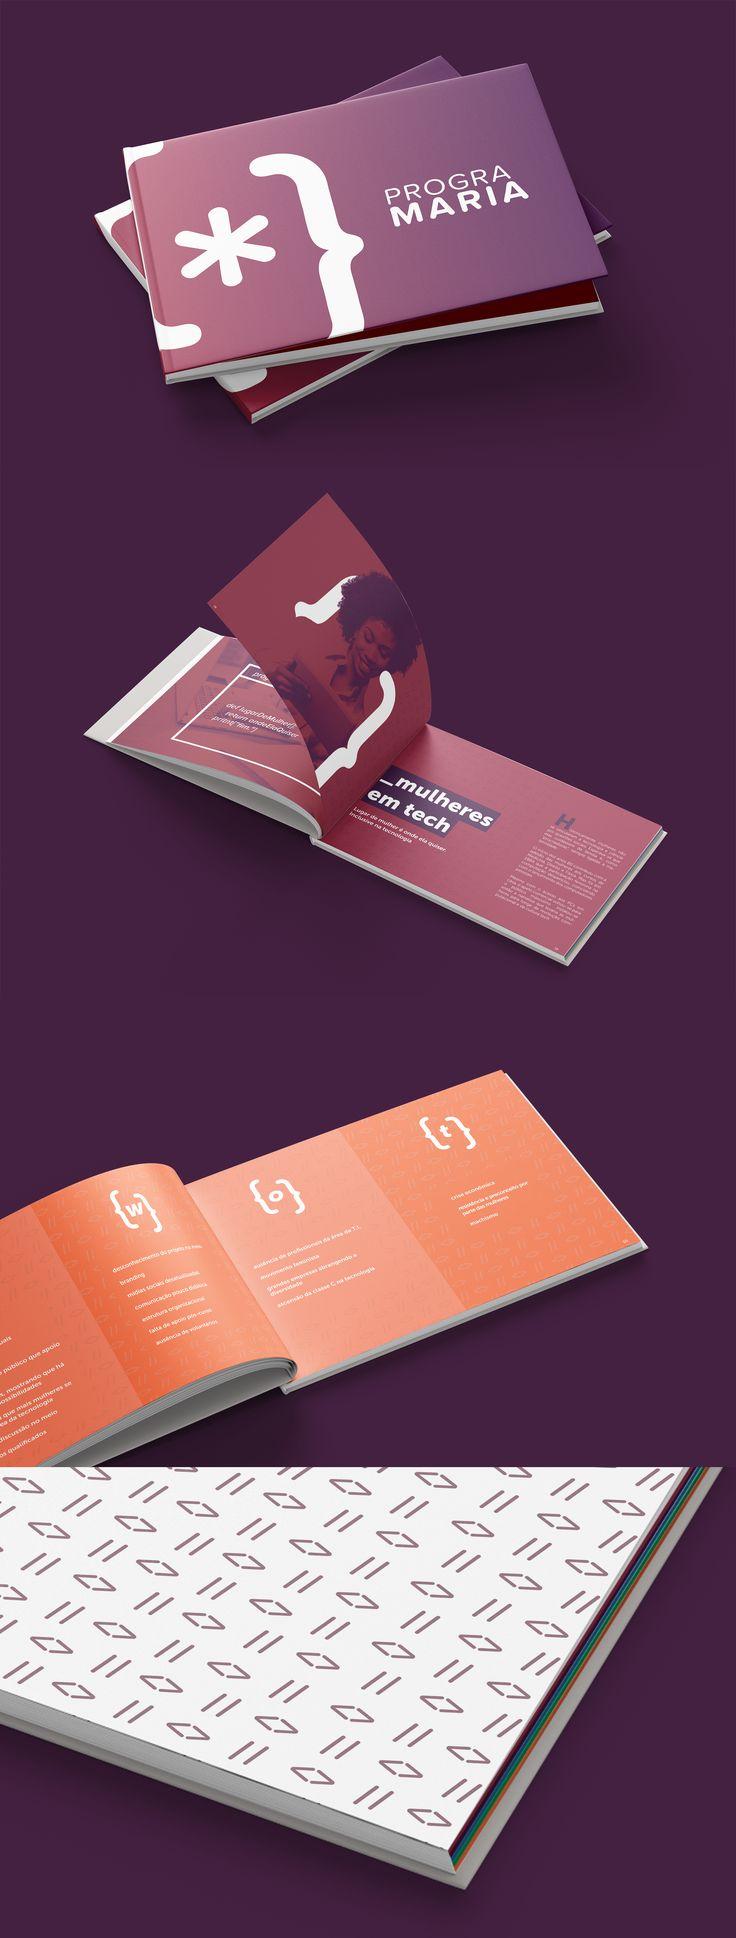 Projeto desenvolvido para conclusão de curso em Publicidade e Propagando no Centro Universitário Belas Artes. Responsável pela arte, criação, diagramação e rebranding.